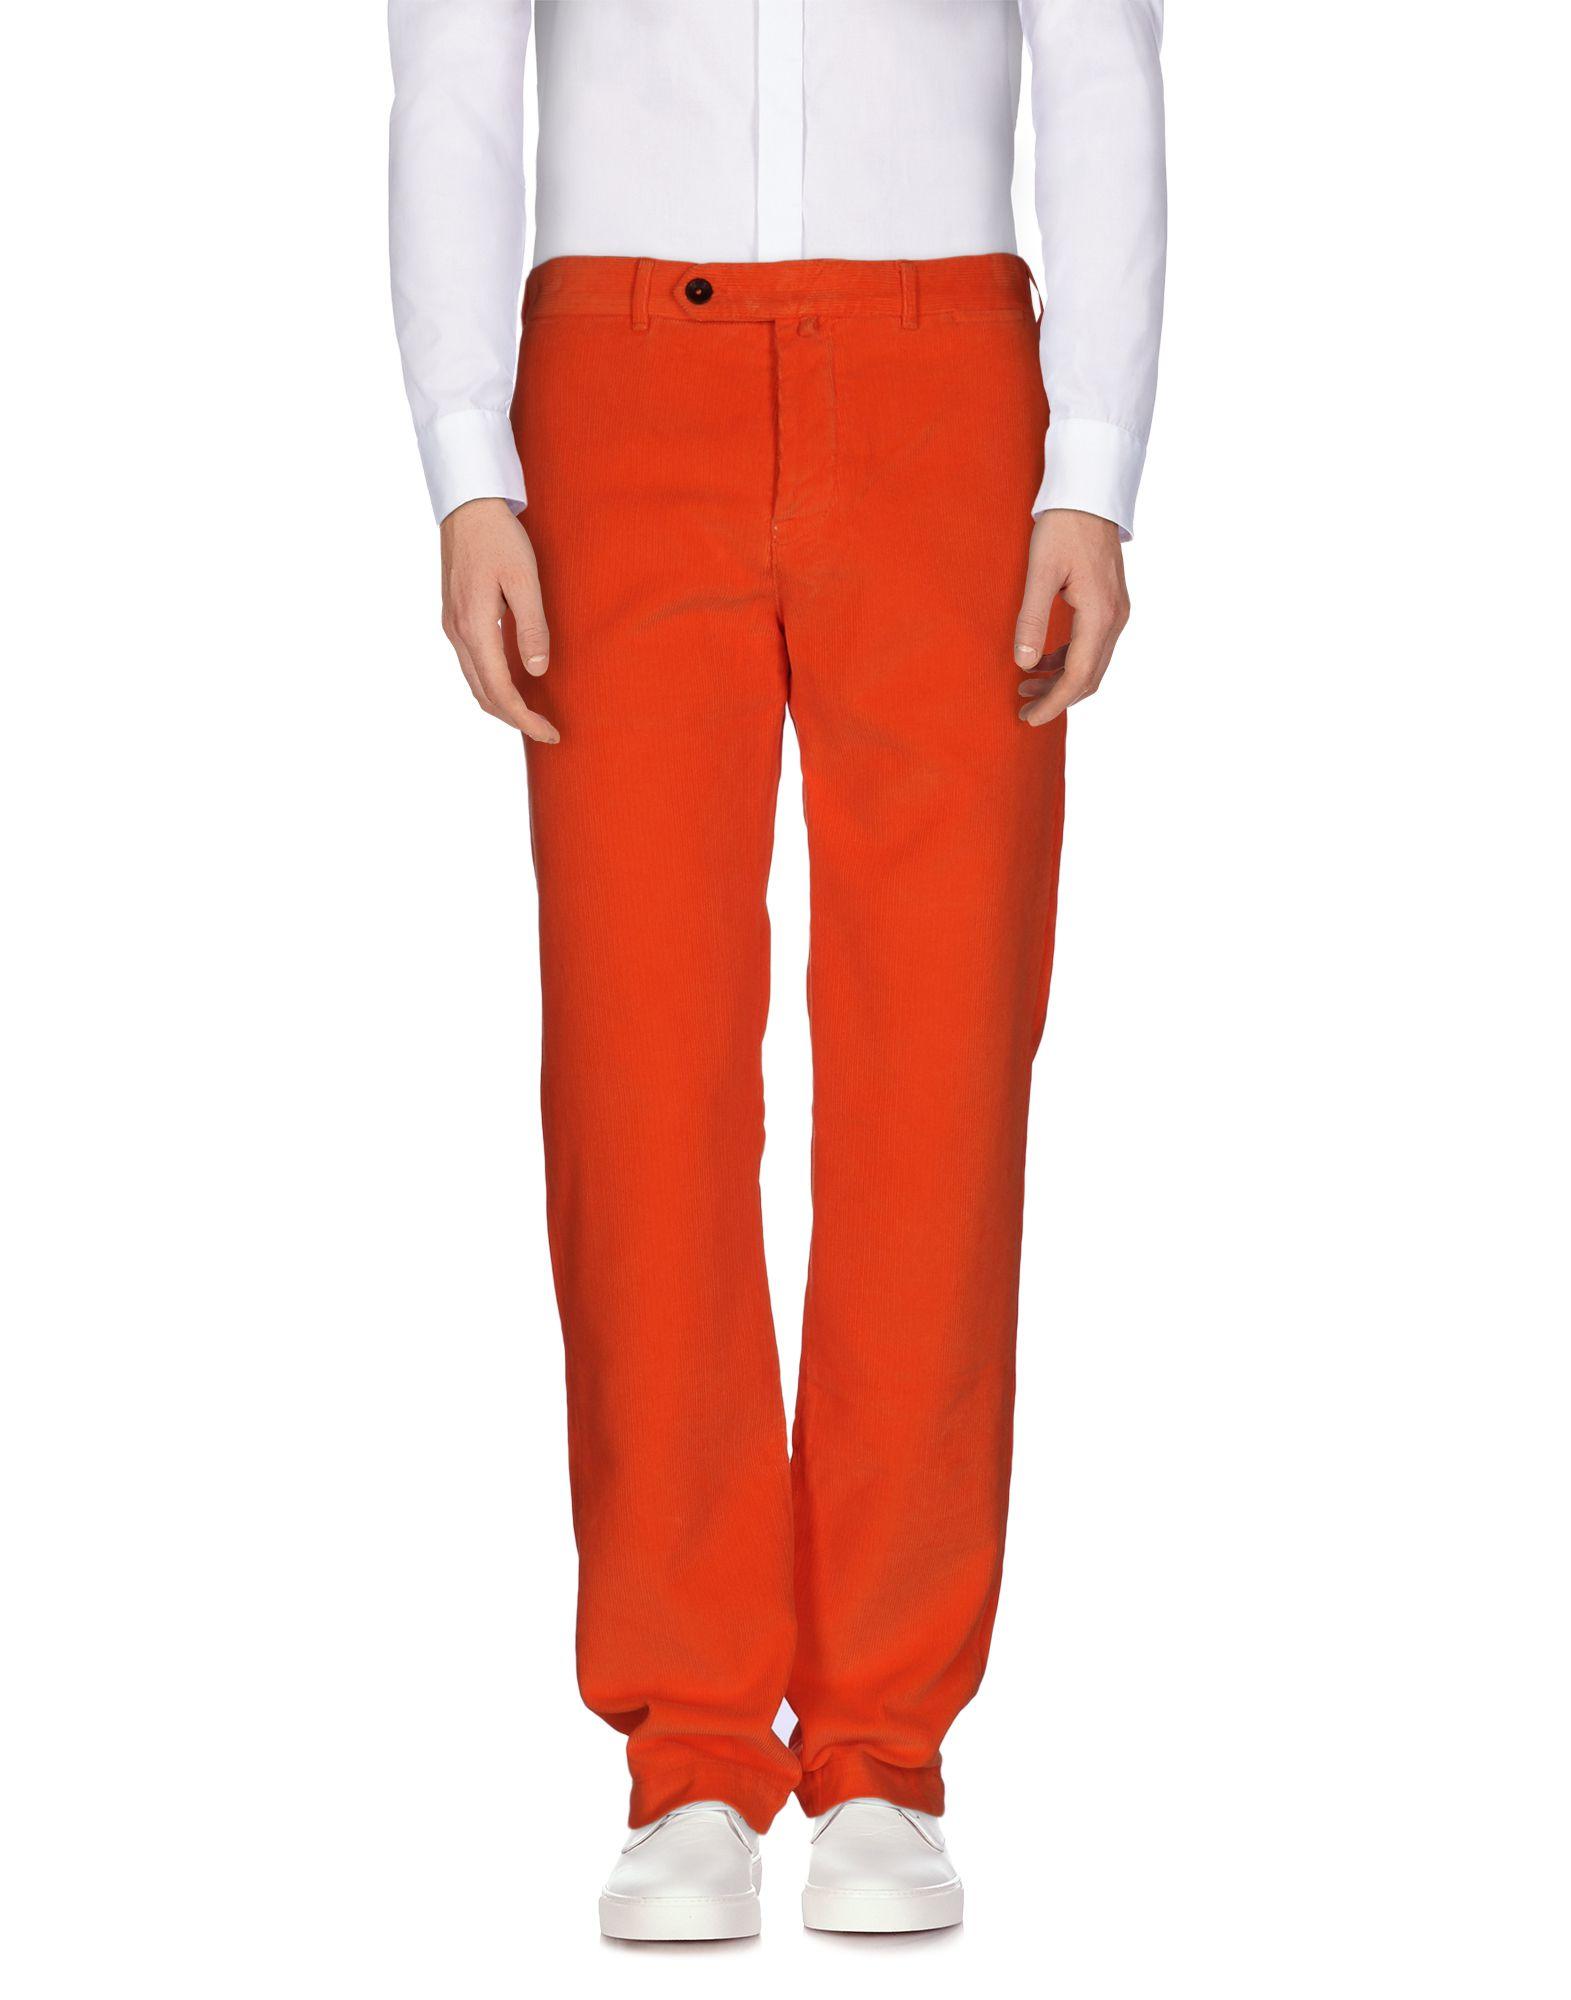 ALAIN Herren Hose Farbe Orange Größe 4